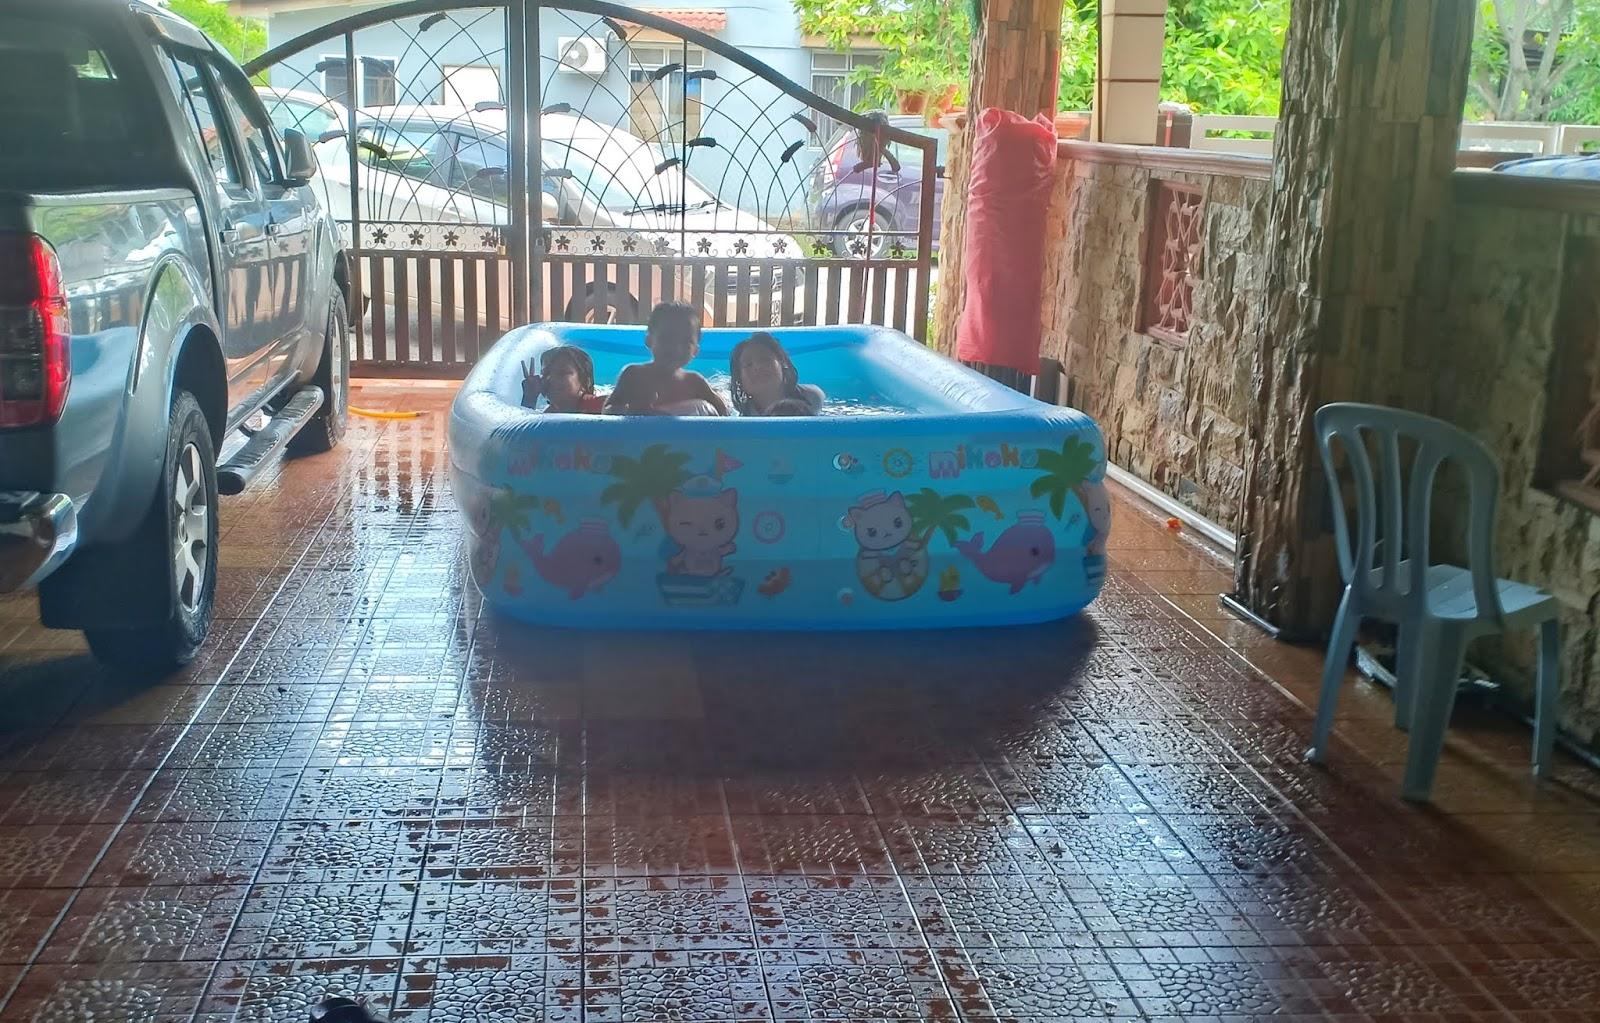 Aktiviti mandi kolam musim pkp